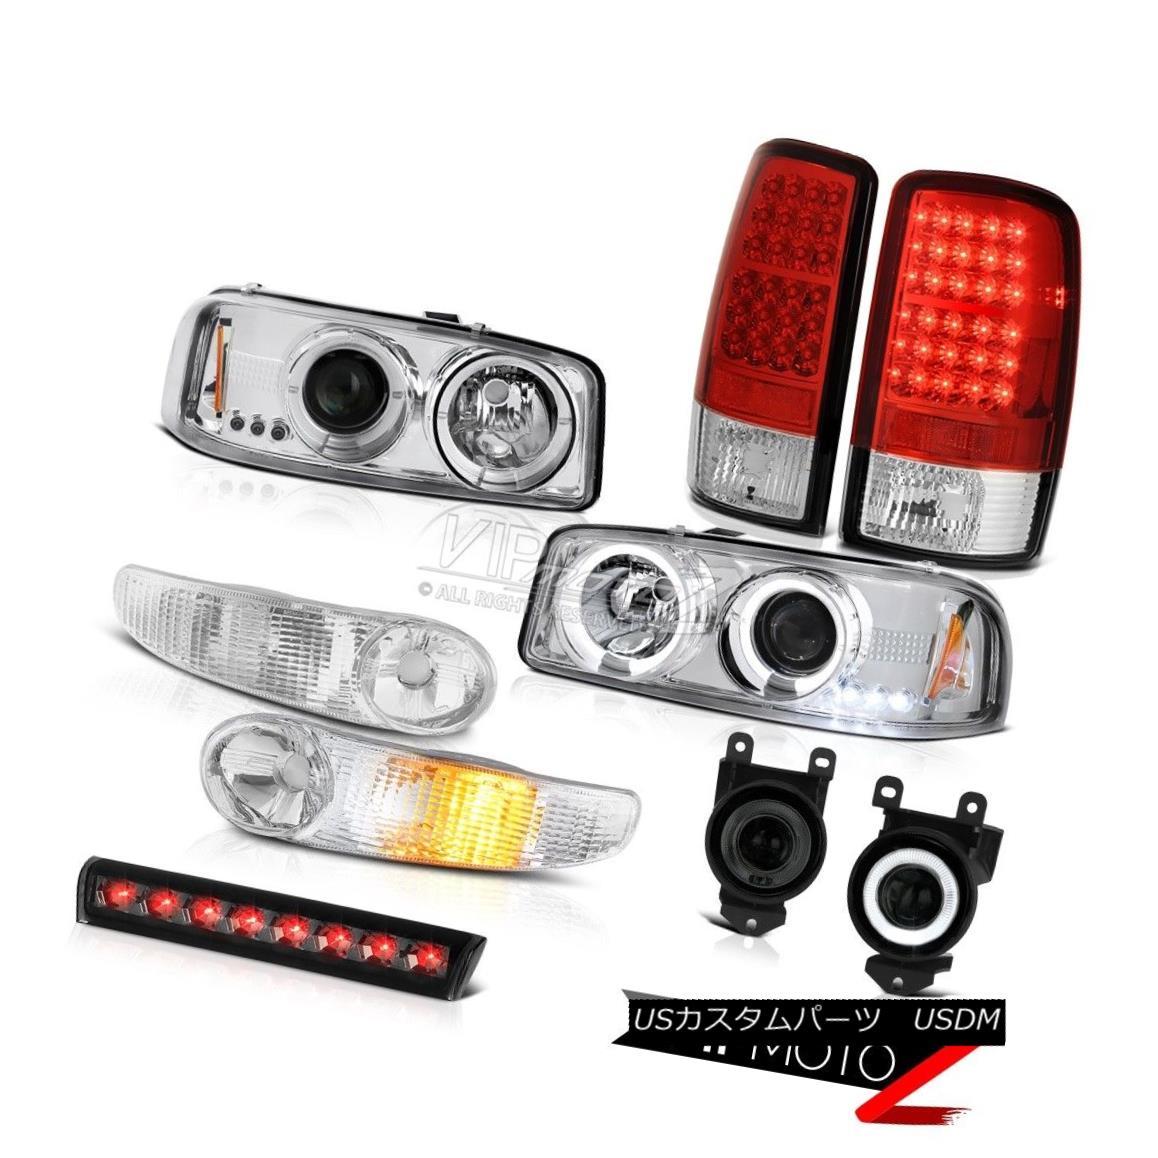 テールライト Projector Headlamps Bumper LED Bulb Brake Tail Lights Fog 01-06 Yukon XL Denali プロジェクターヘッドランプバンパーLED電球ブレーキテールライトフォグ01-06 Yukon XL Denali